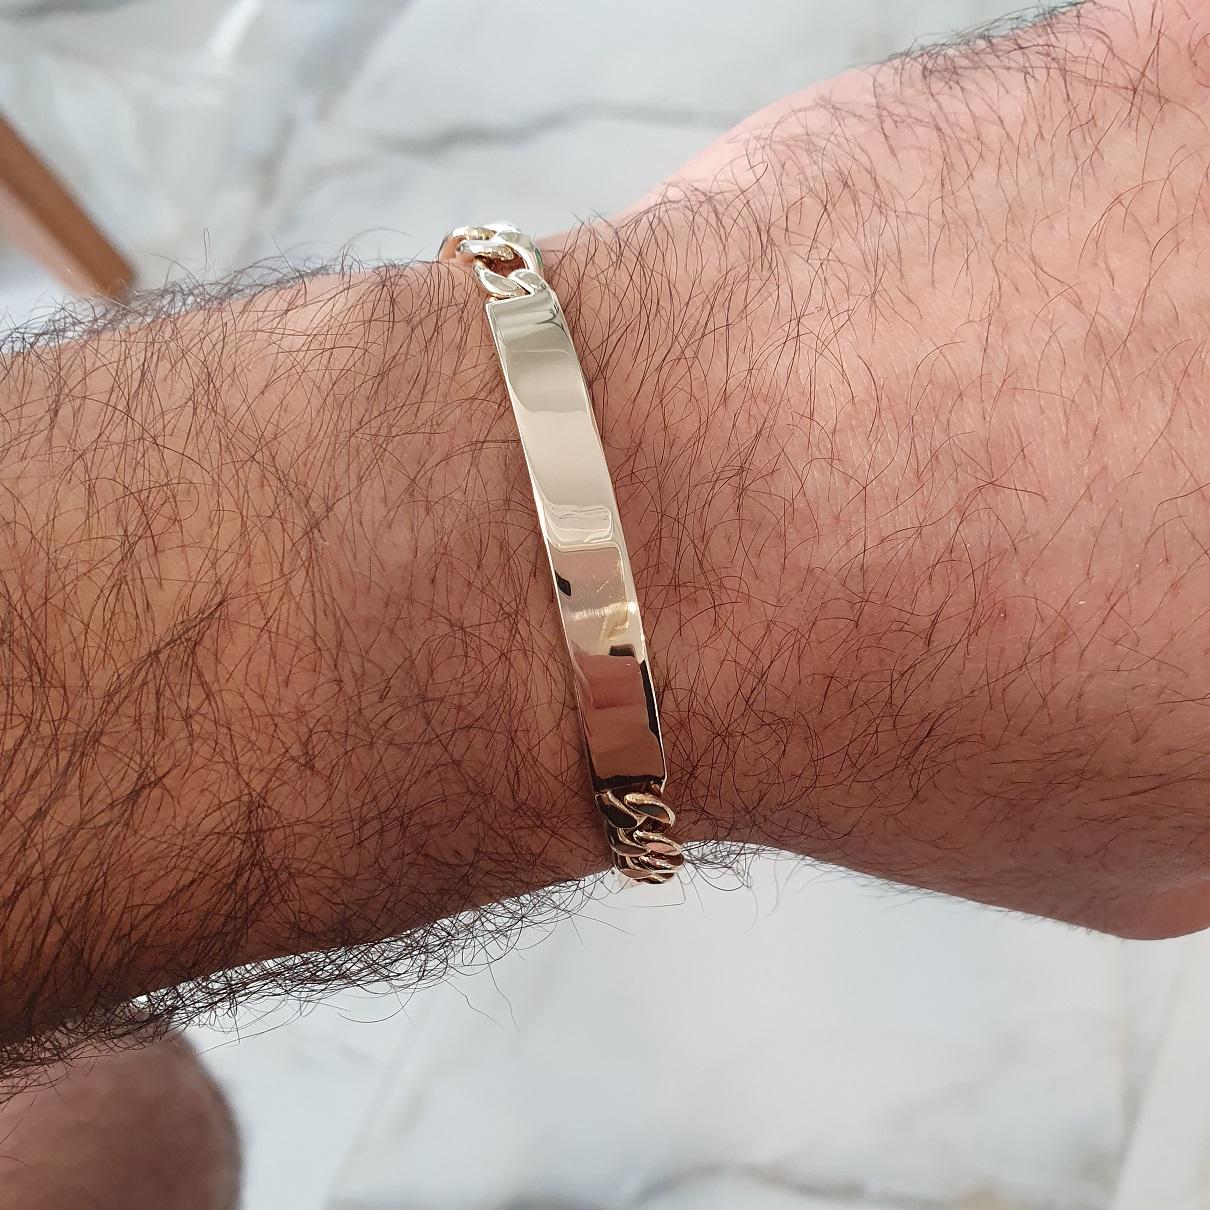 צמיד זהב איטלקי לגבר חוליות וחריטה